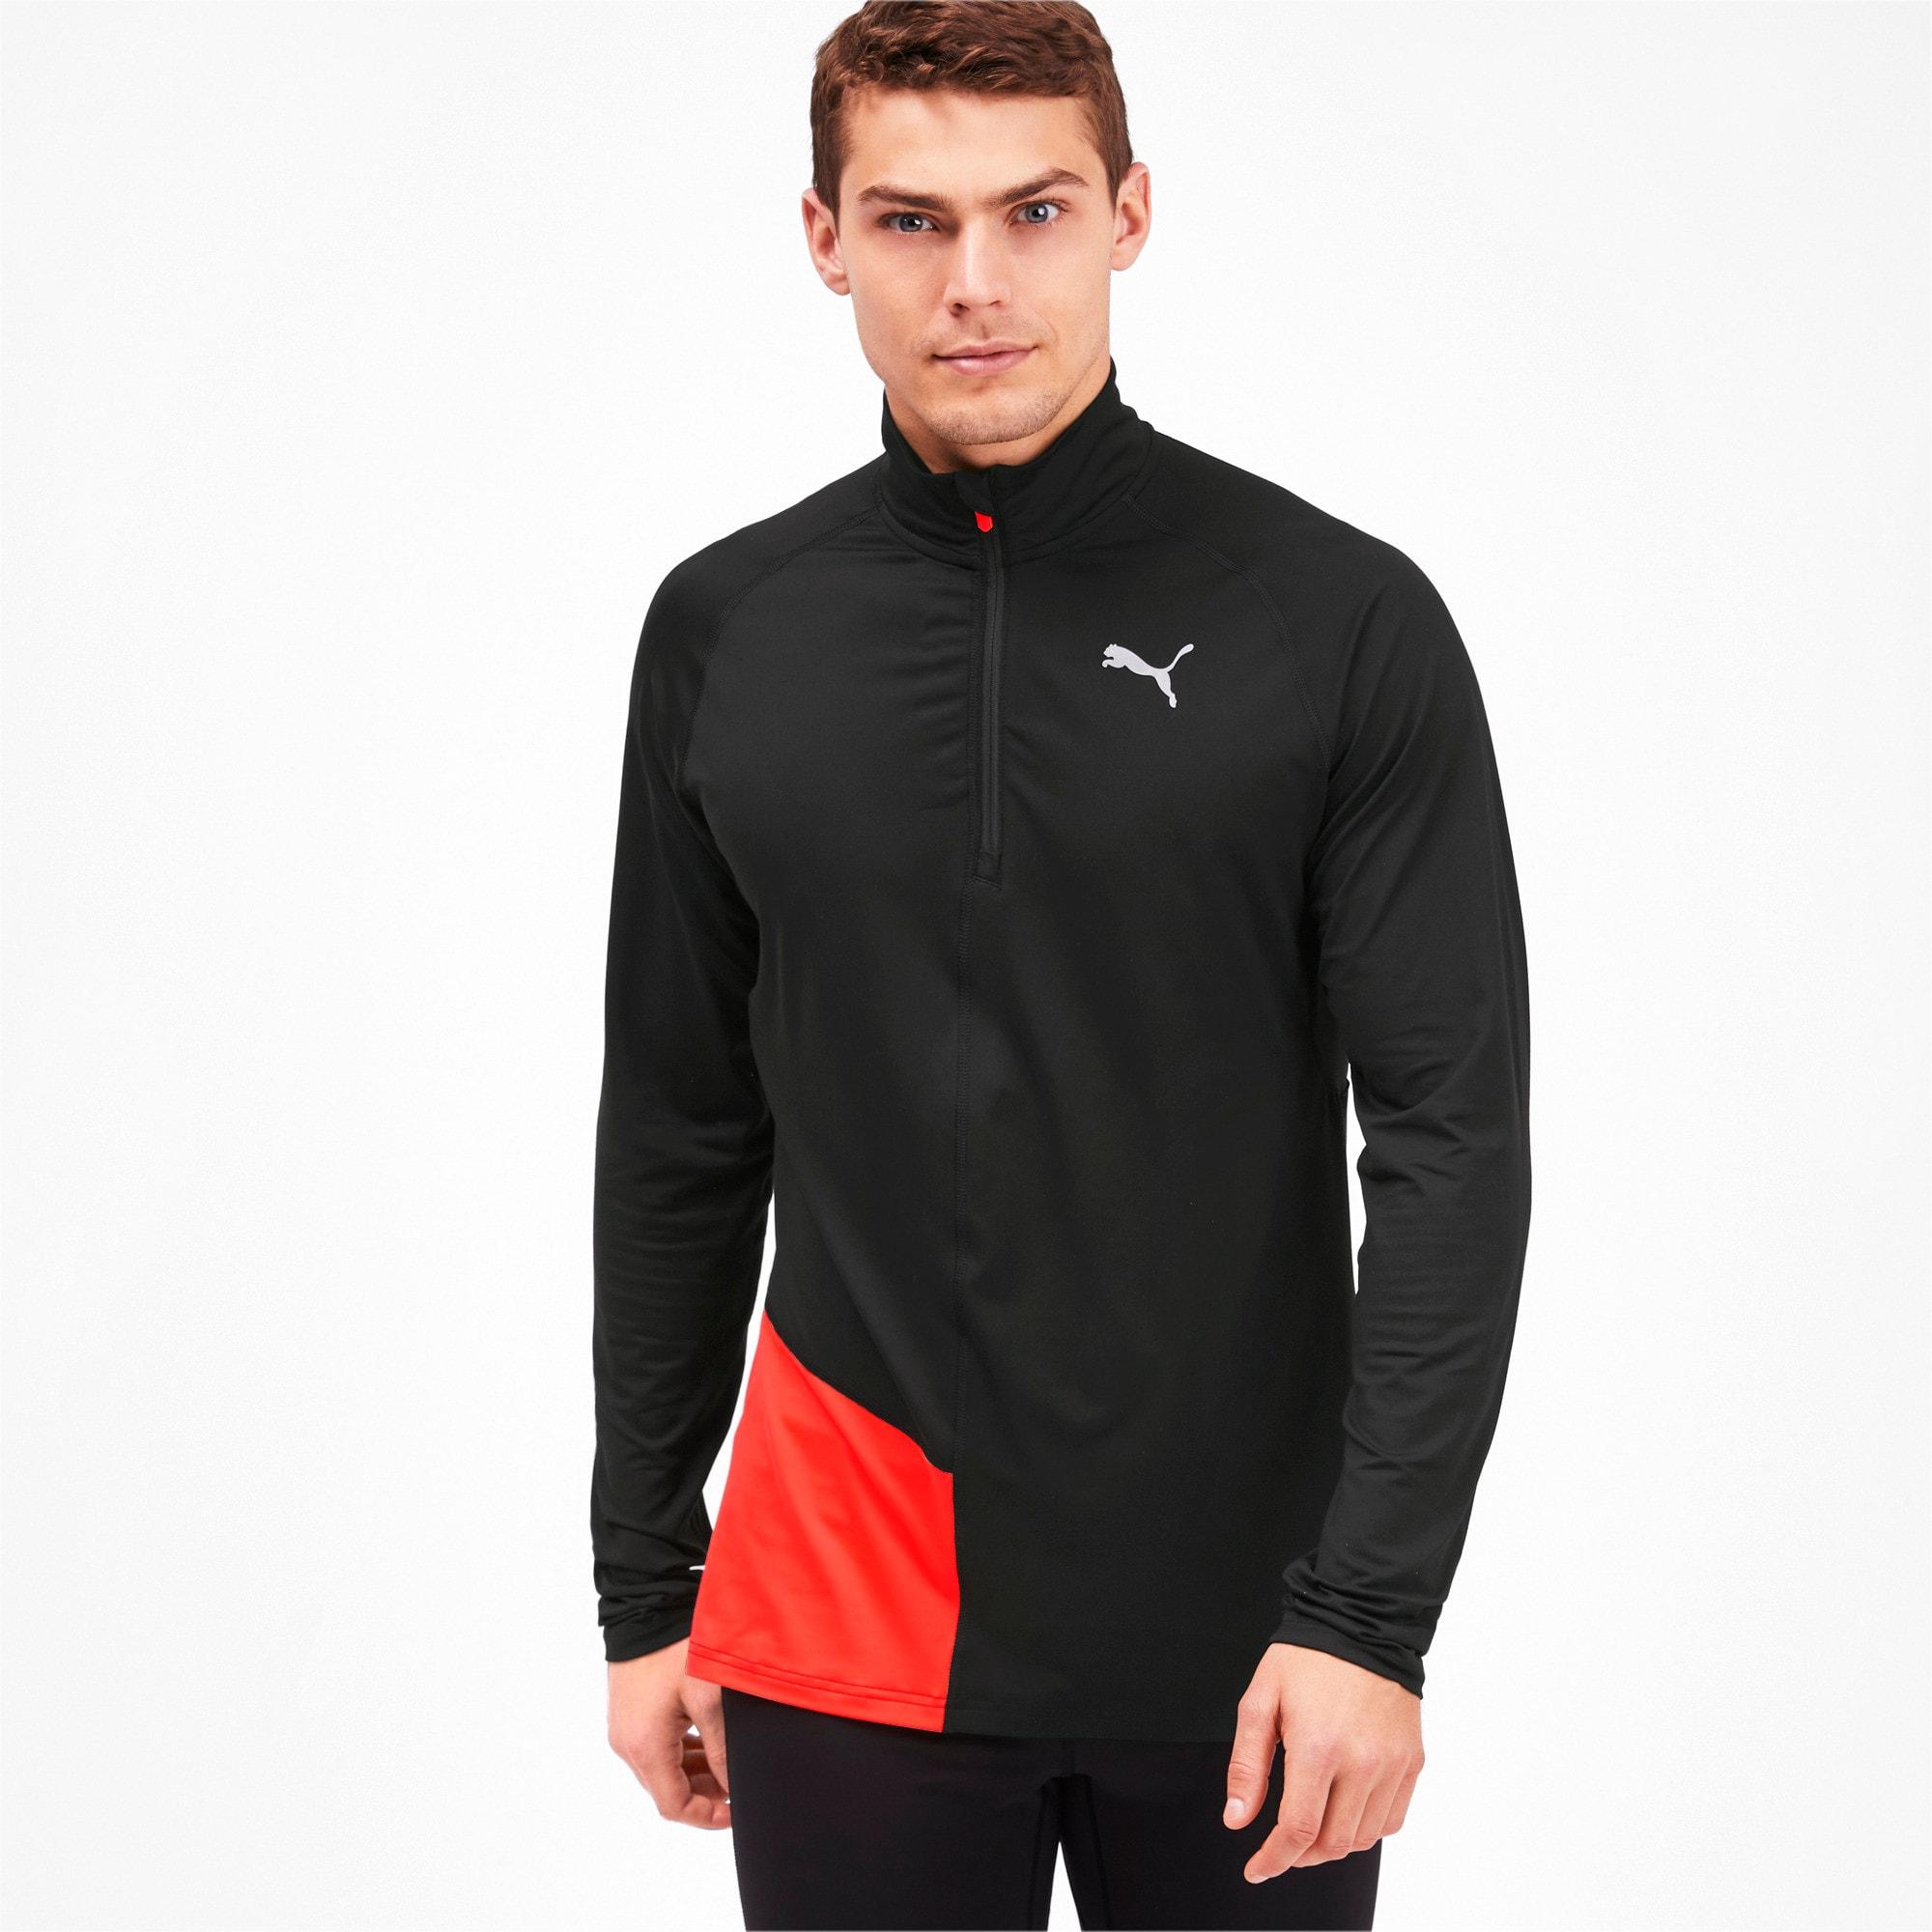 Miniatura 1 de Camiseta sin mangasIgnitecon cierre corto para hombre, Puma Black-Nrgy Red, mediano